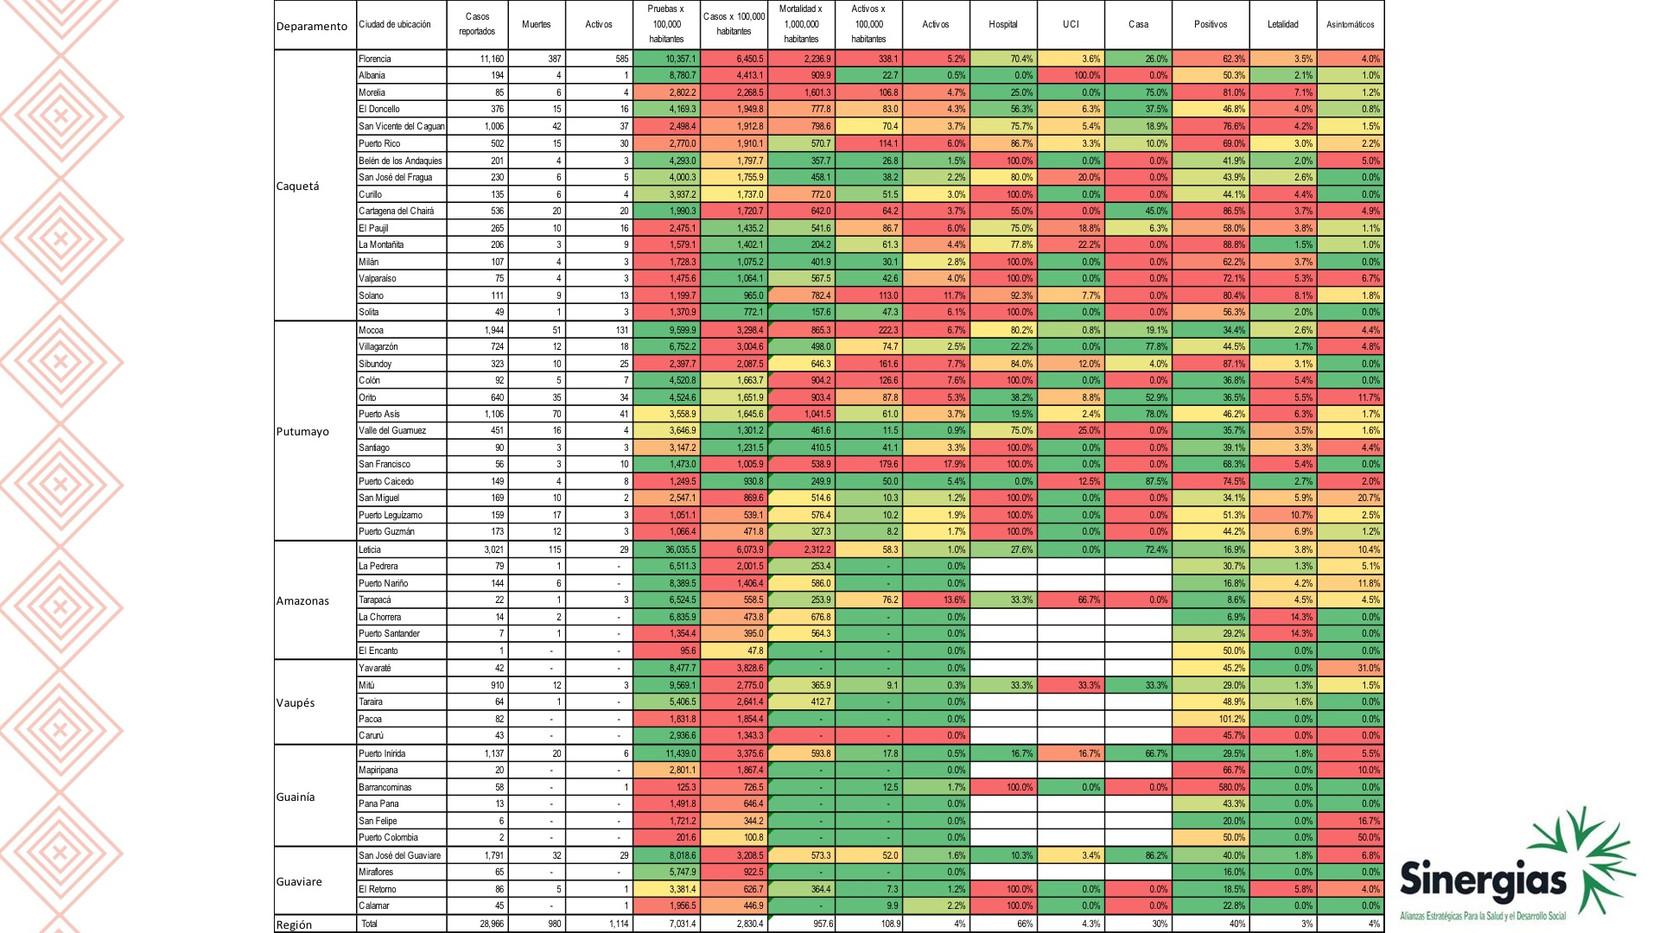 Tabla de la situación de COVID19 en la región amazónica y sus departamentos